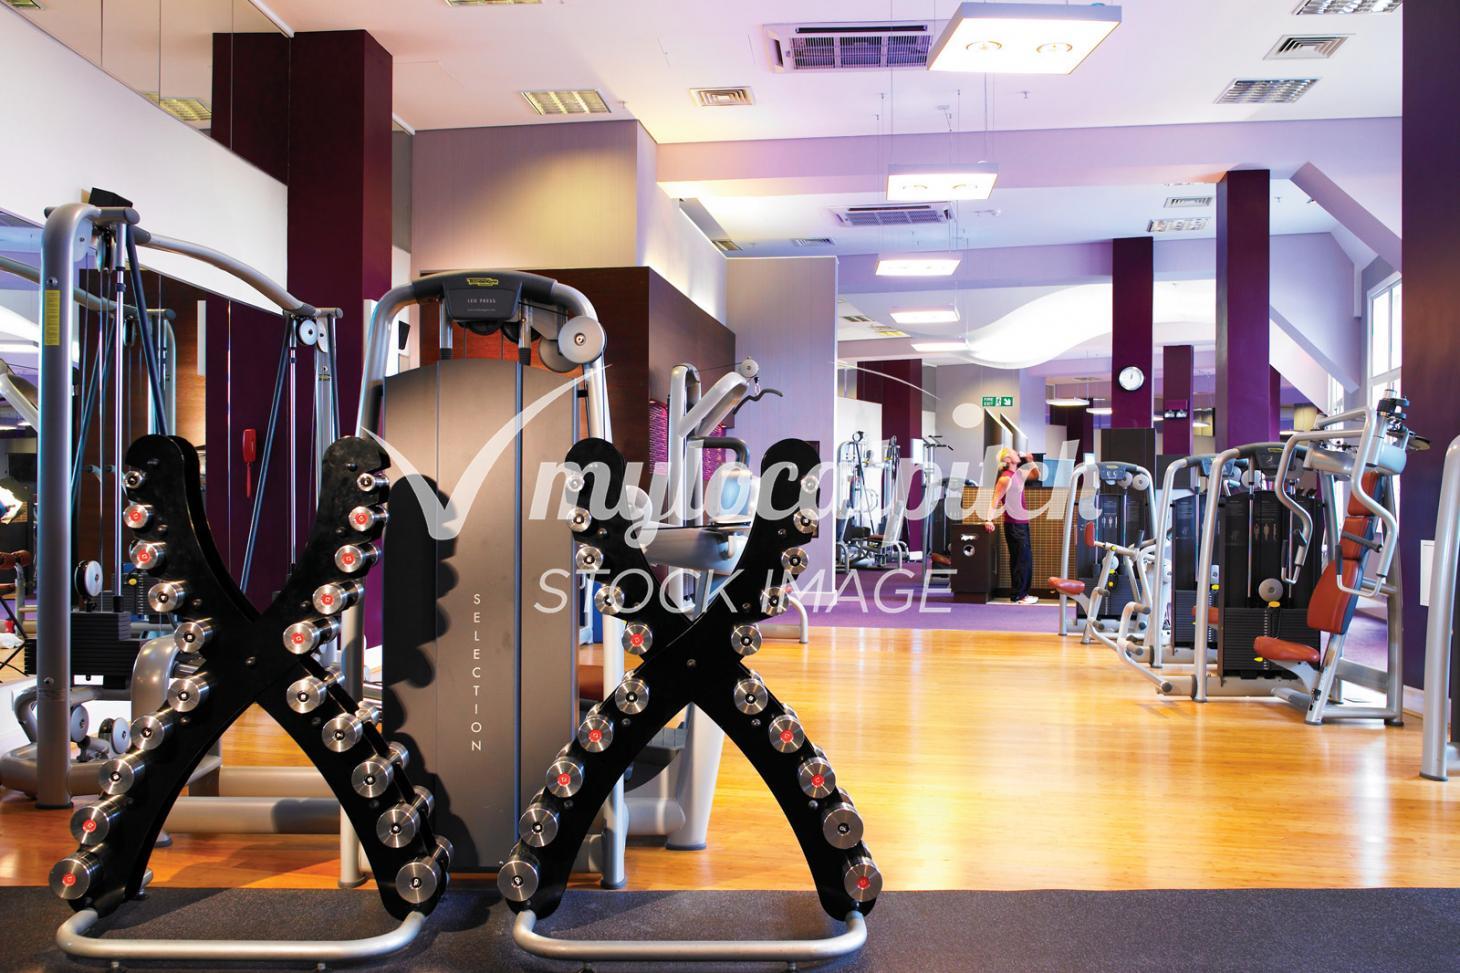 Finsbury Park Gym gym